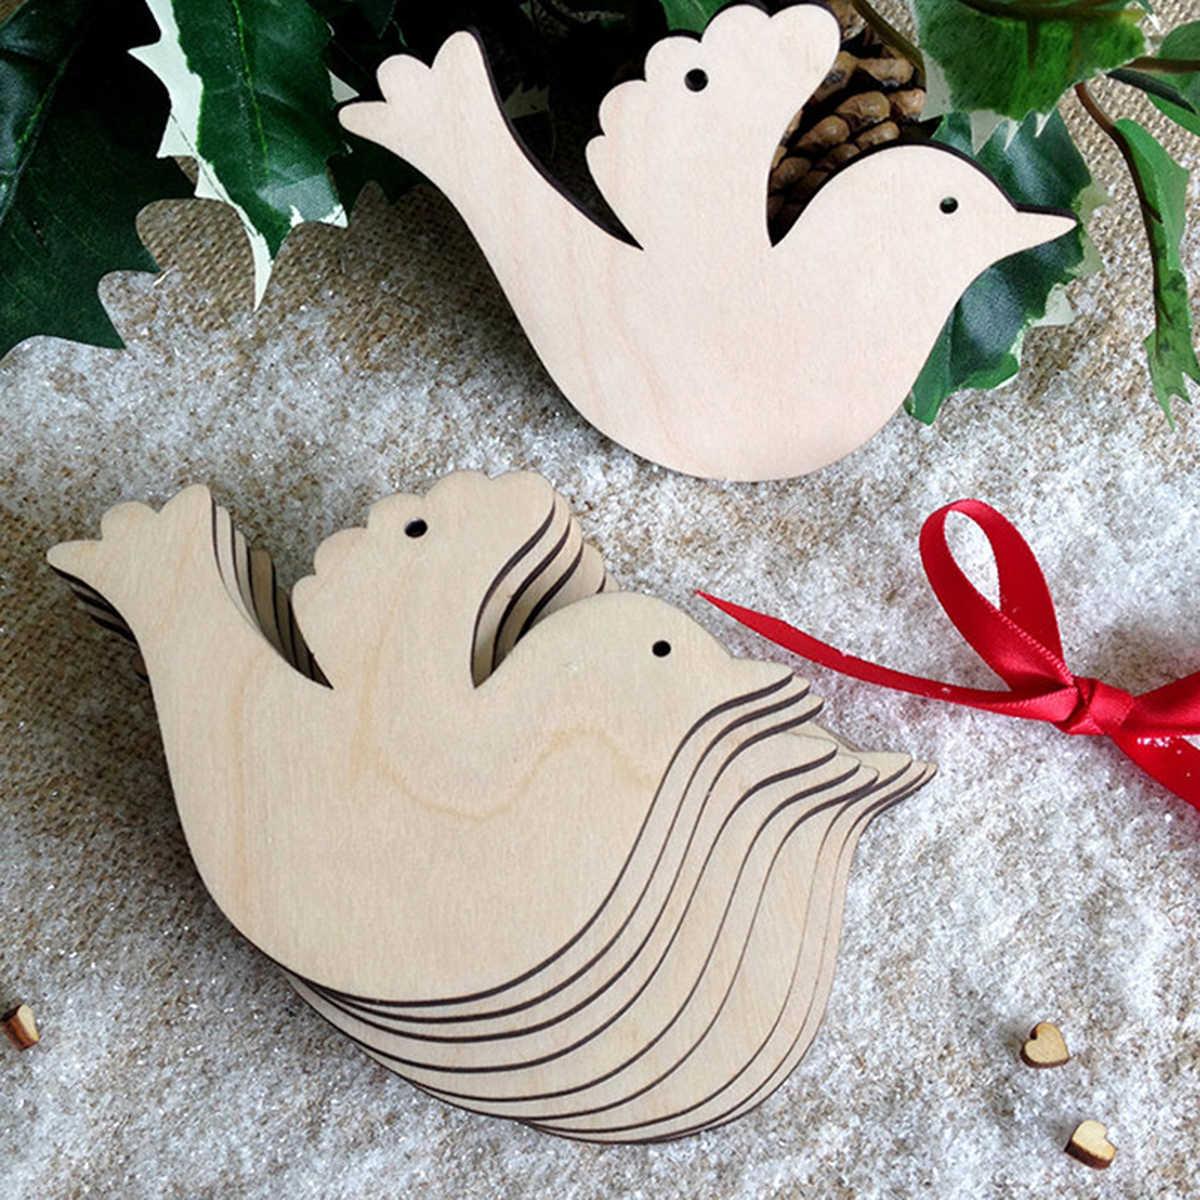 10 ชิ้นไม้ผสมรูปแขวนจี้ต้นคริสต์มาสเครื่องประดับไม้ DIY Craft Embellishment สำหรับคริสต์มาสปาร์ตี้